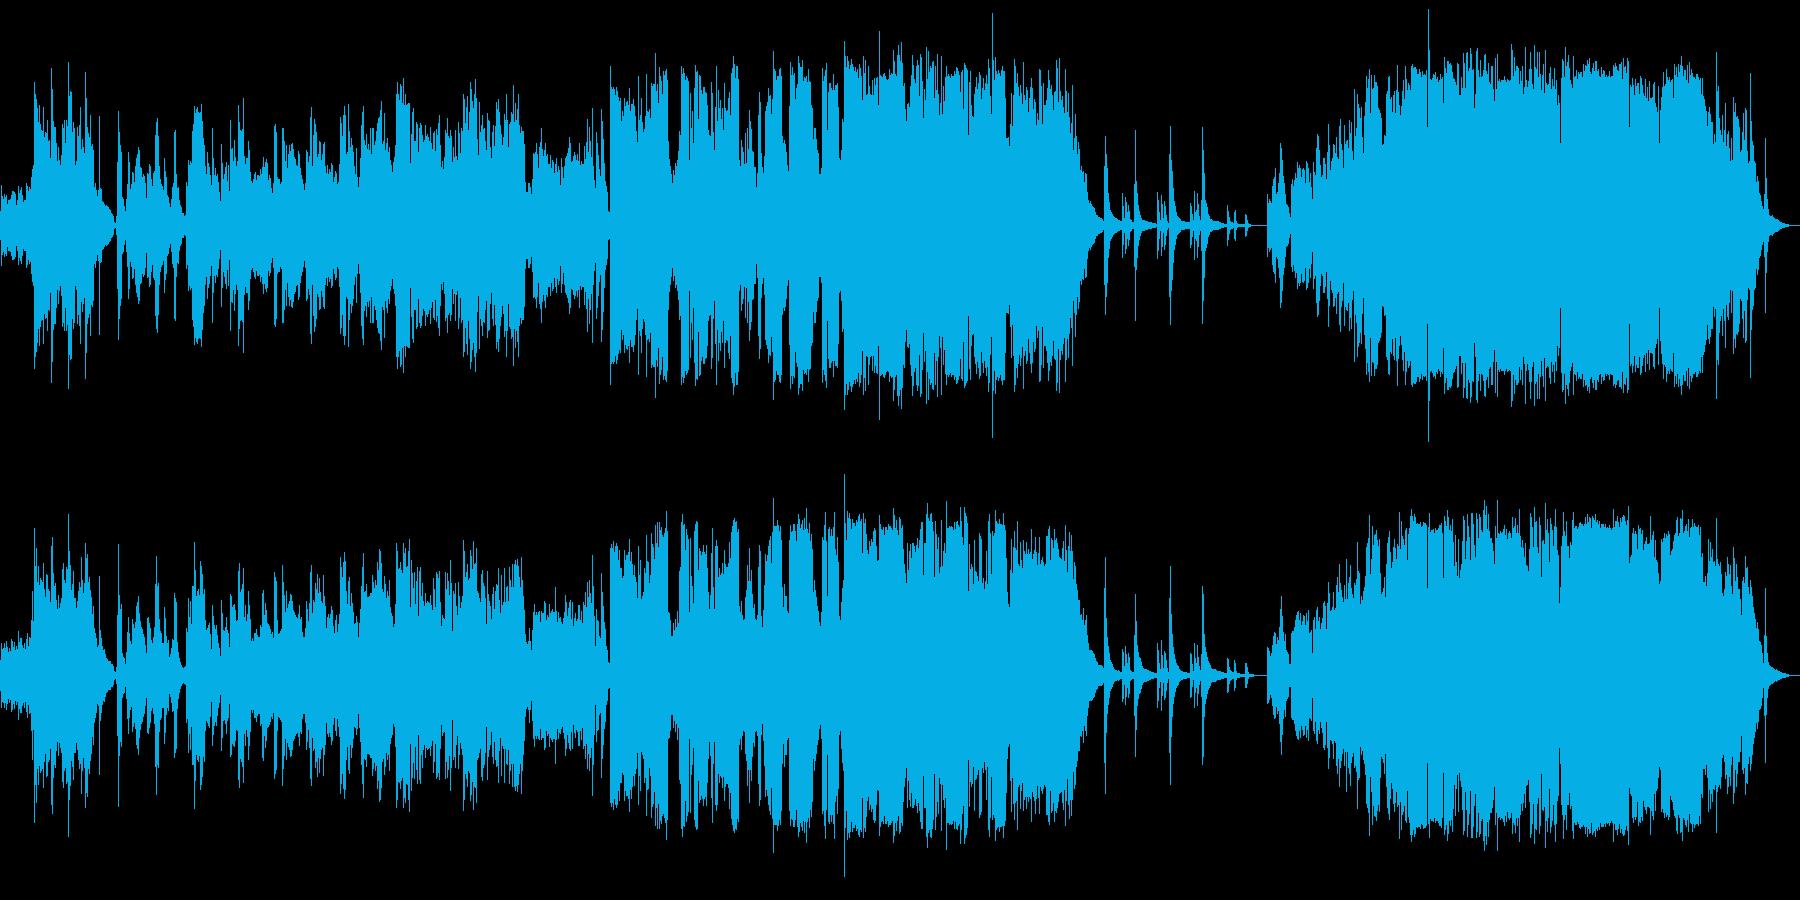 星空の下、壮大な歌い上げ系ピアノ弾き語りの再生済みの波形